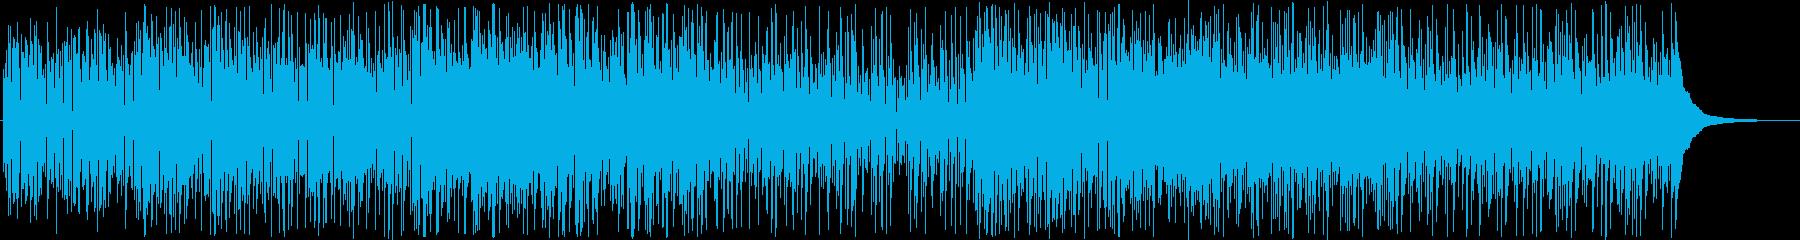 のどかで明るいアコースティックポップの再生済みの波形